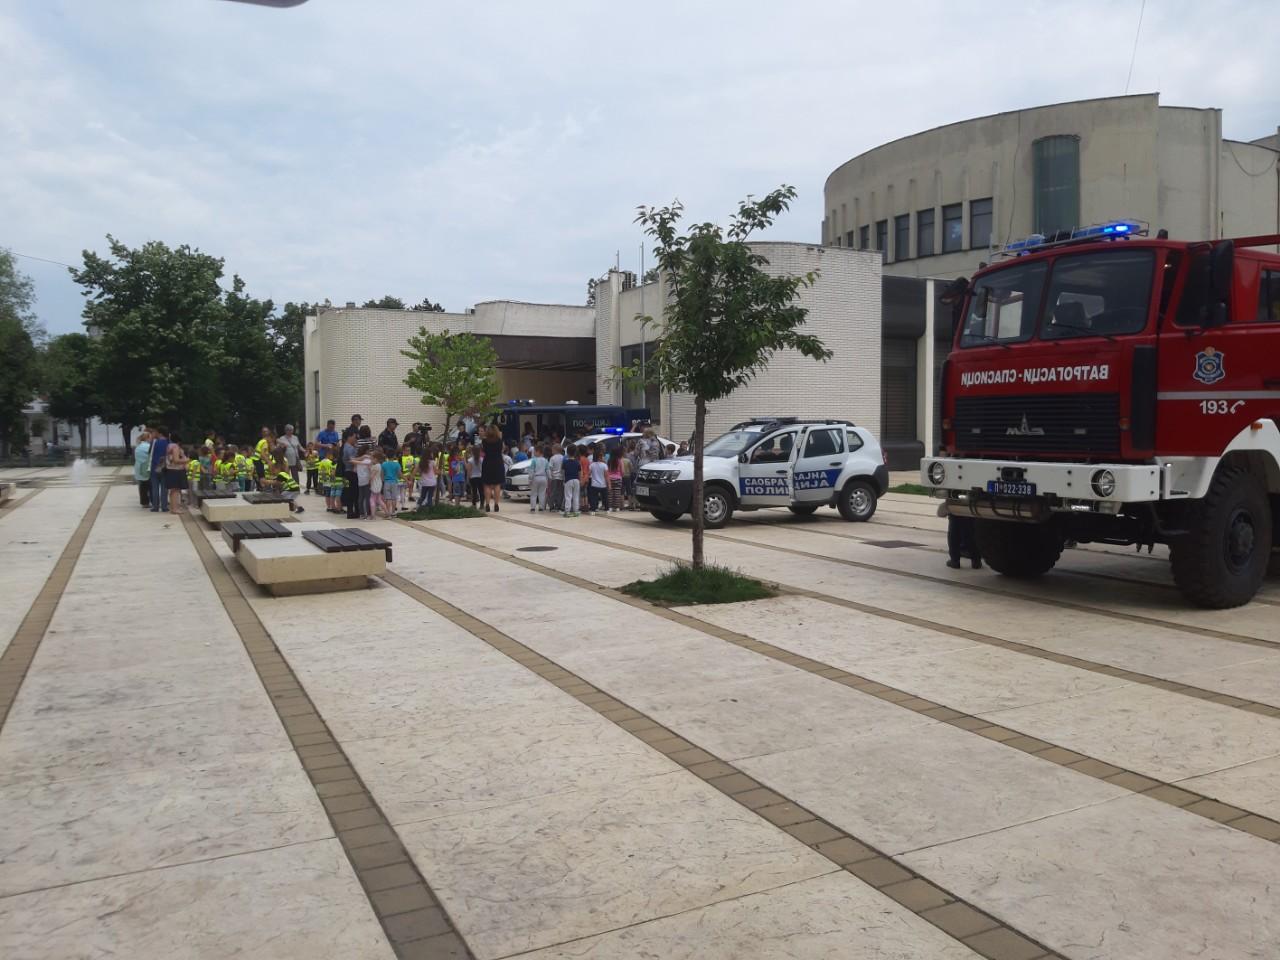 Druženje predškolaca sa policajcima i vatrogascima u Knjaževcu